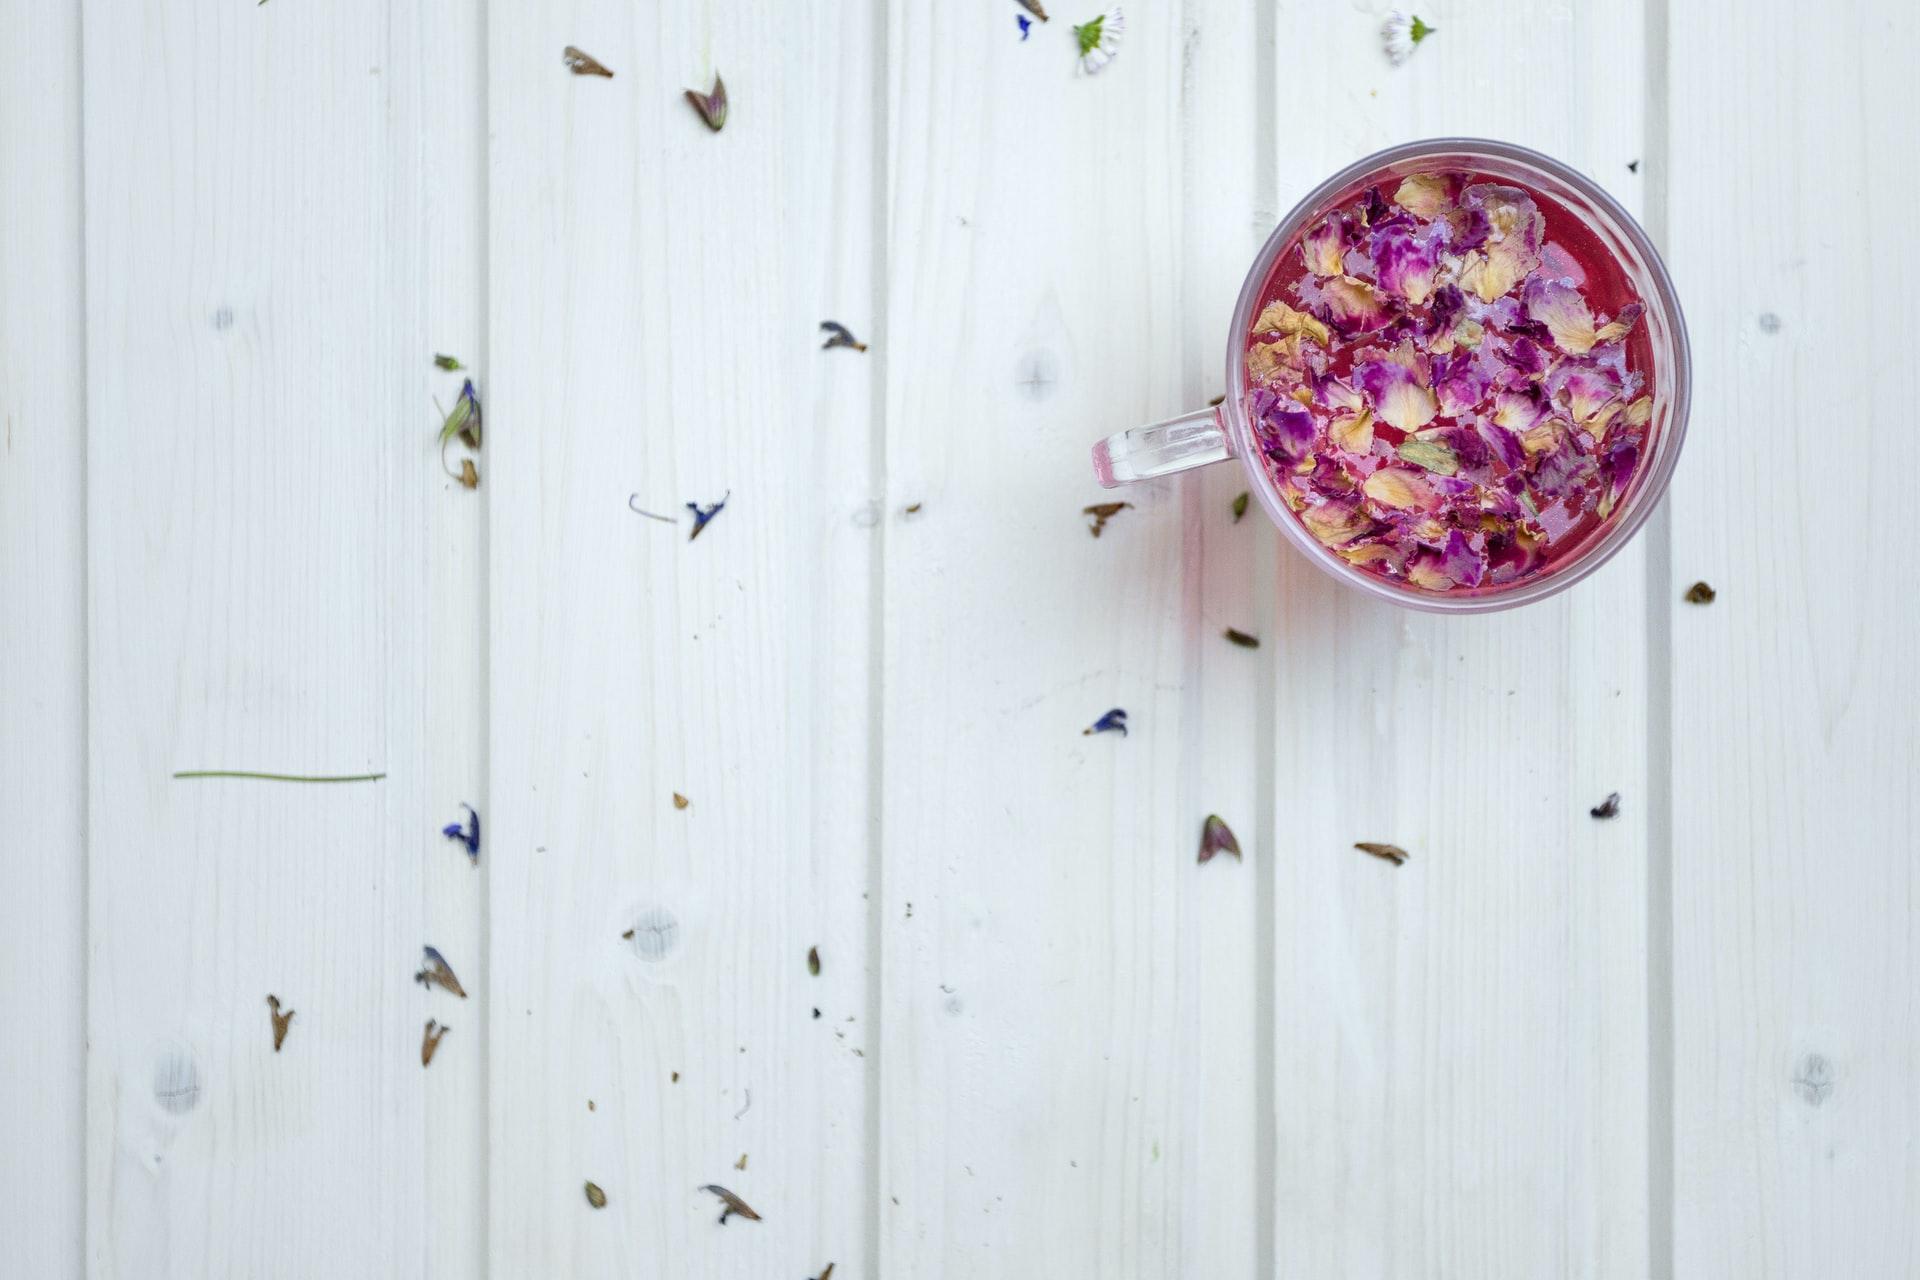 Lưu ý khi dùng hoa đậu biếc để đảm bảo sức khoẻ